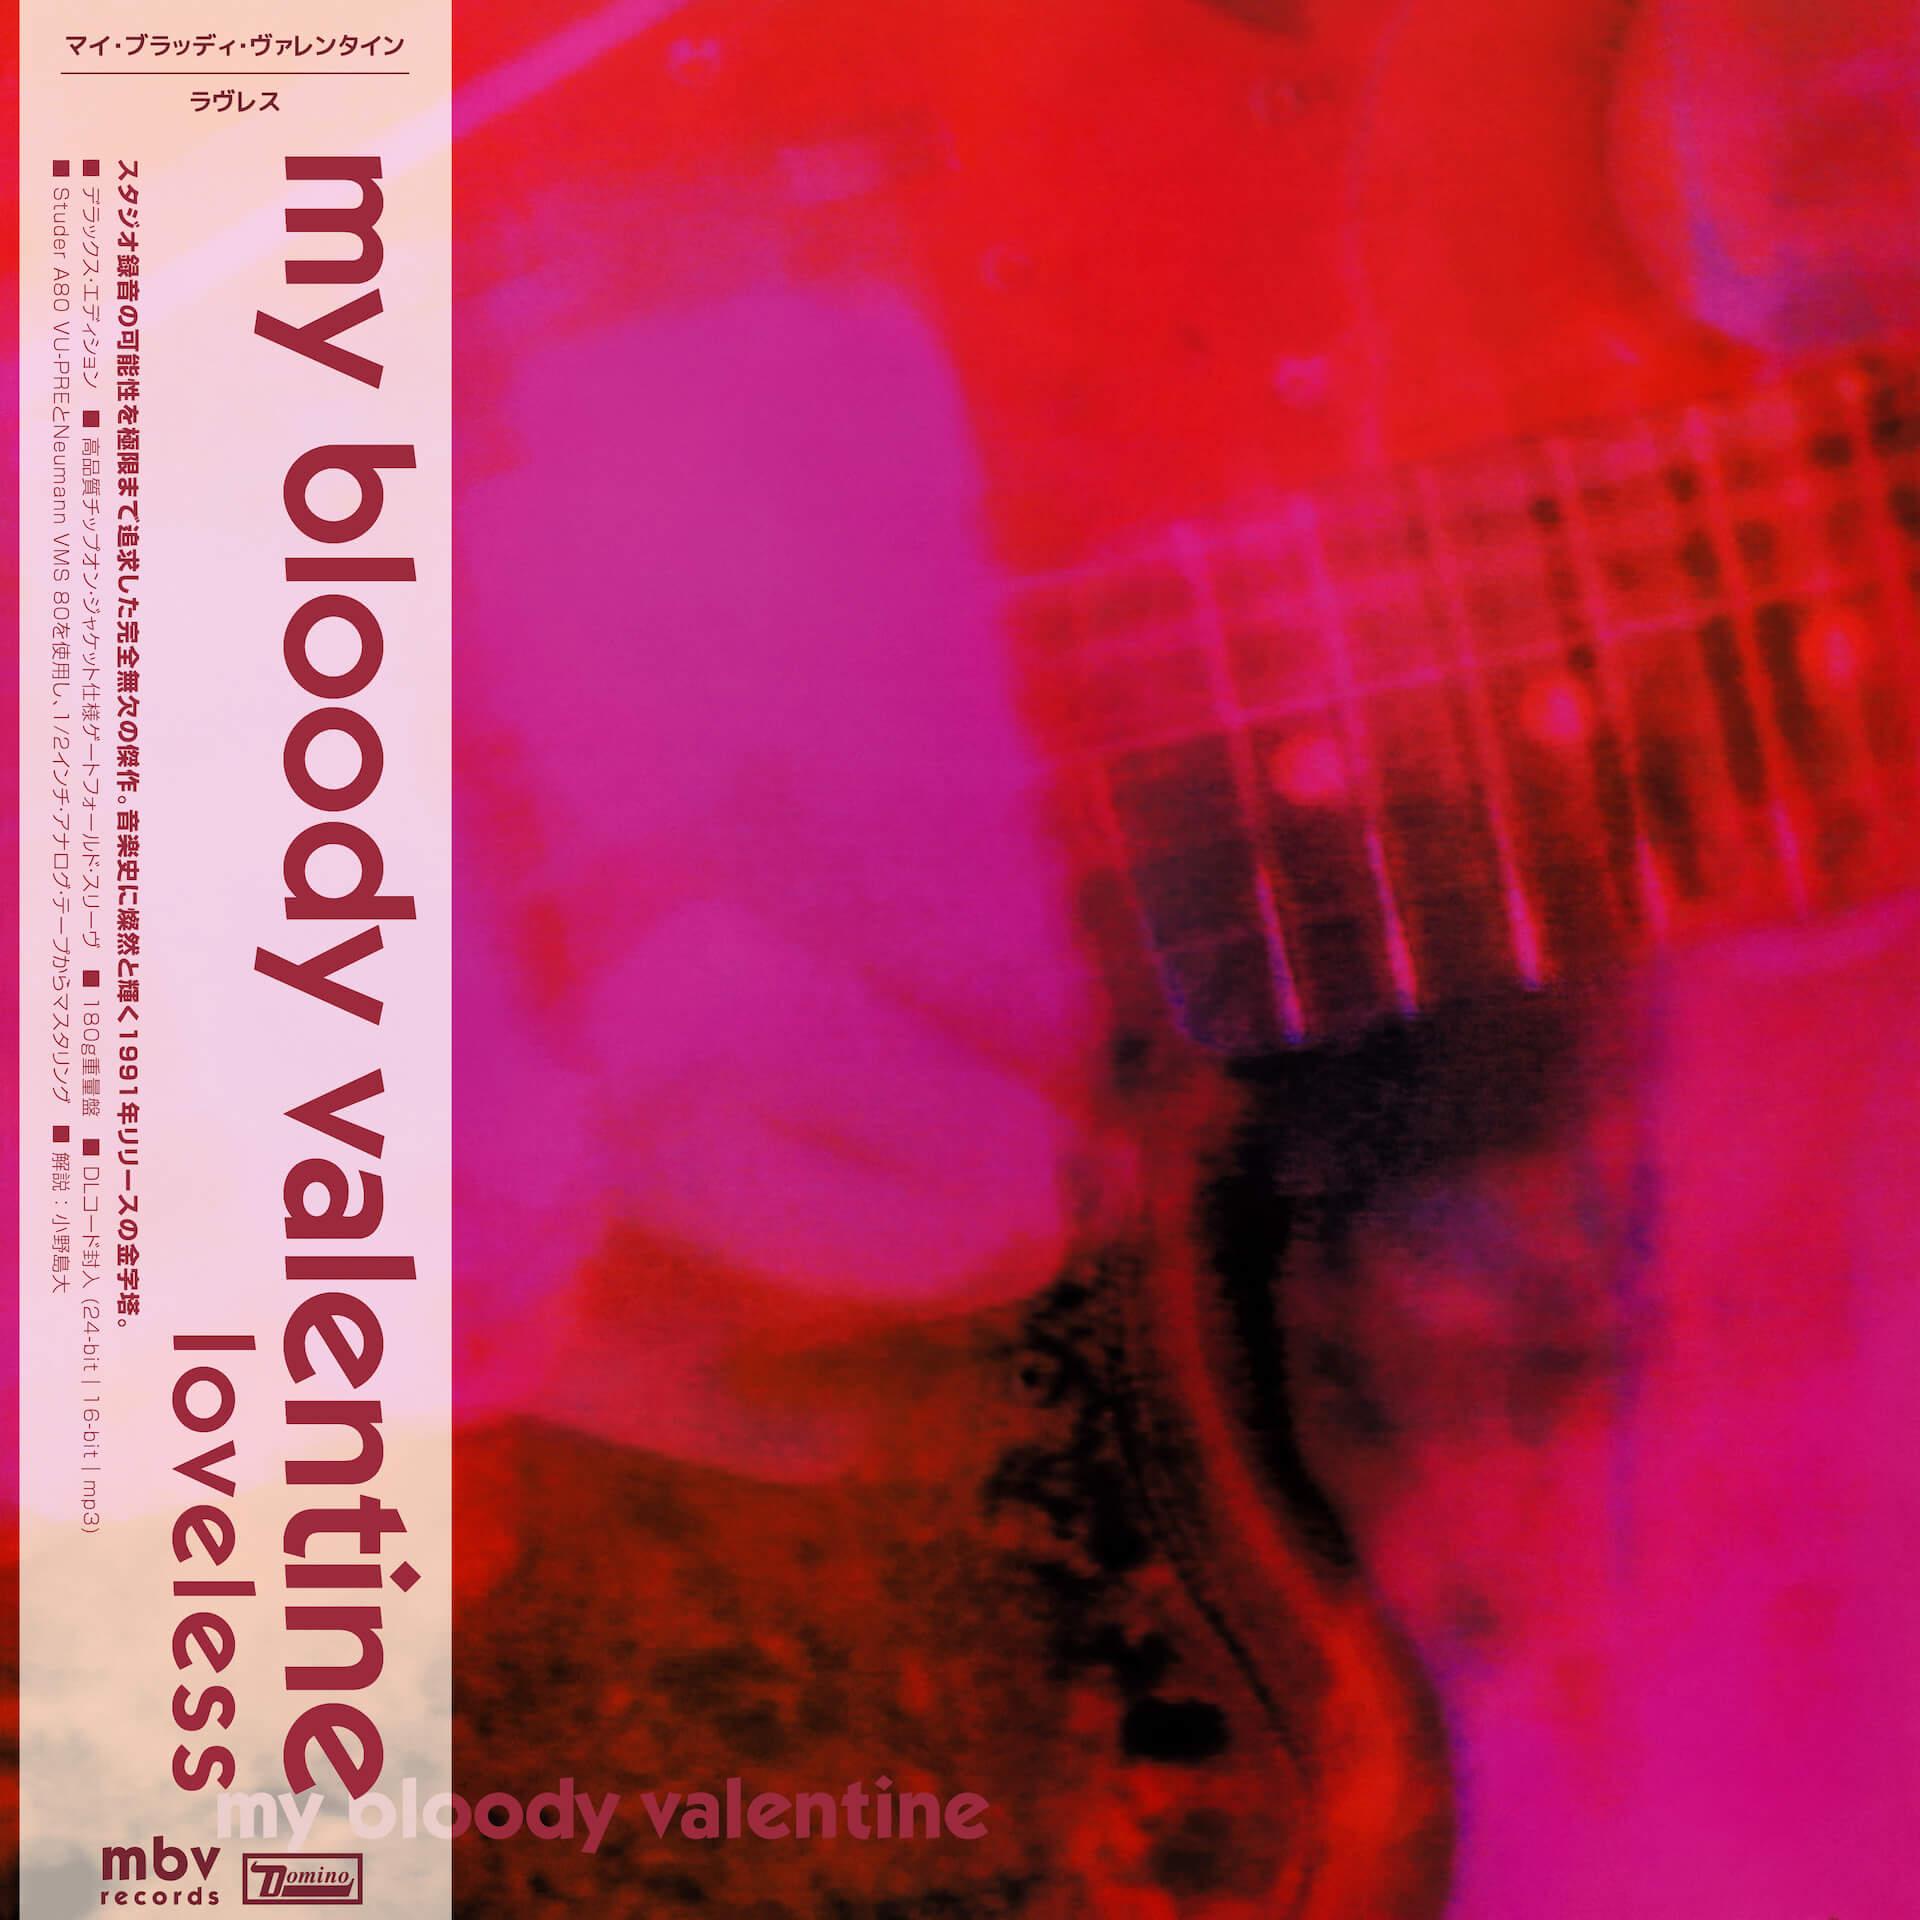 待望のサブスク解禁で話題のMy Bloody Valentineが英ラジオ局にて特別放送をキュレーション!5月には新装盤CDとLPの再発も music210413_mybloodyvalentine-210413_18